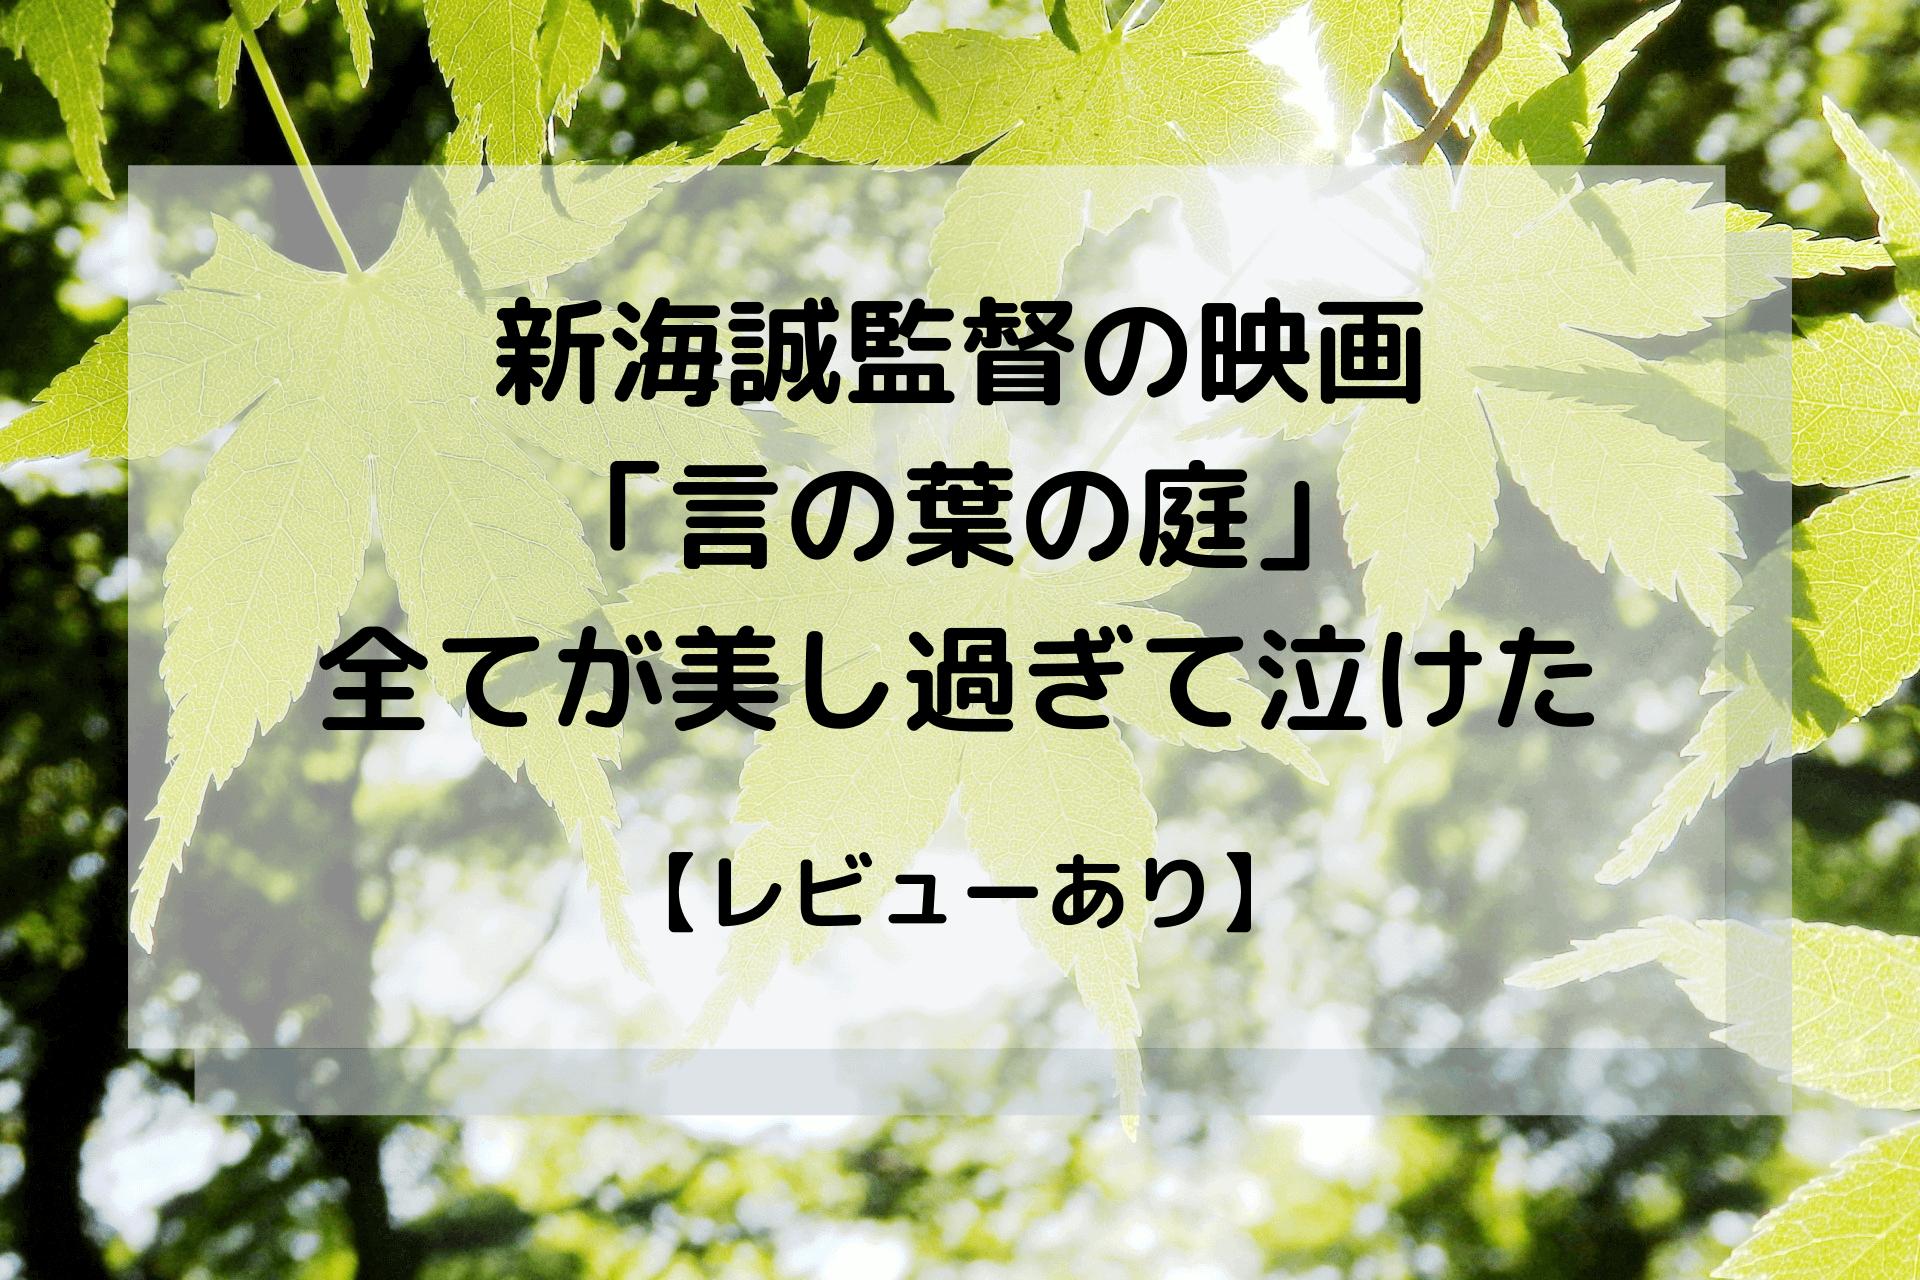 新海誠監督「言の葉の庭」は全てが美し過ぎて泣けた